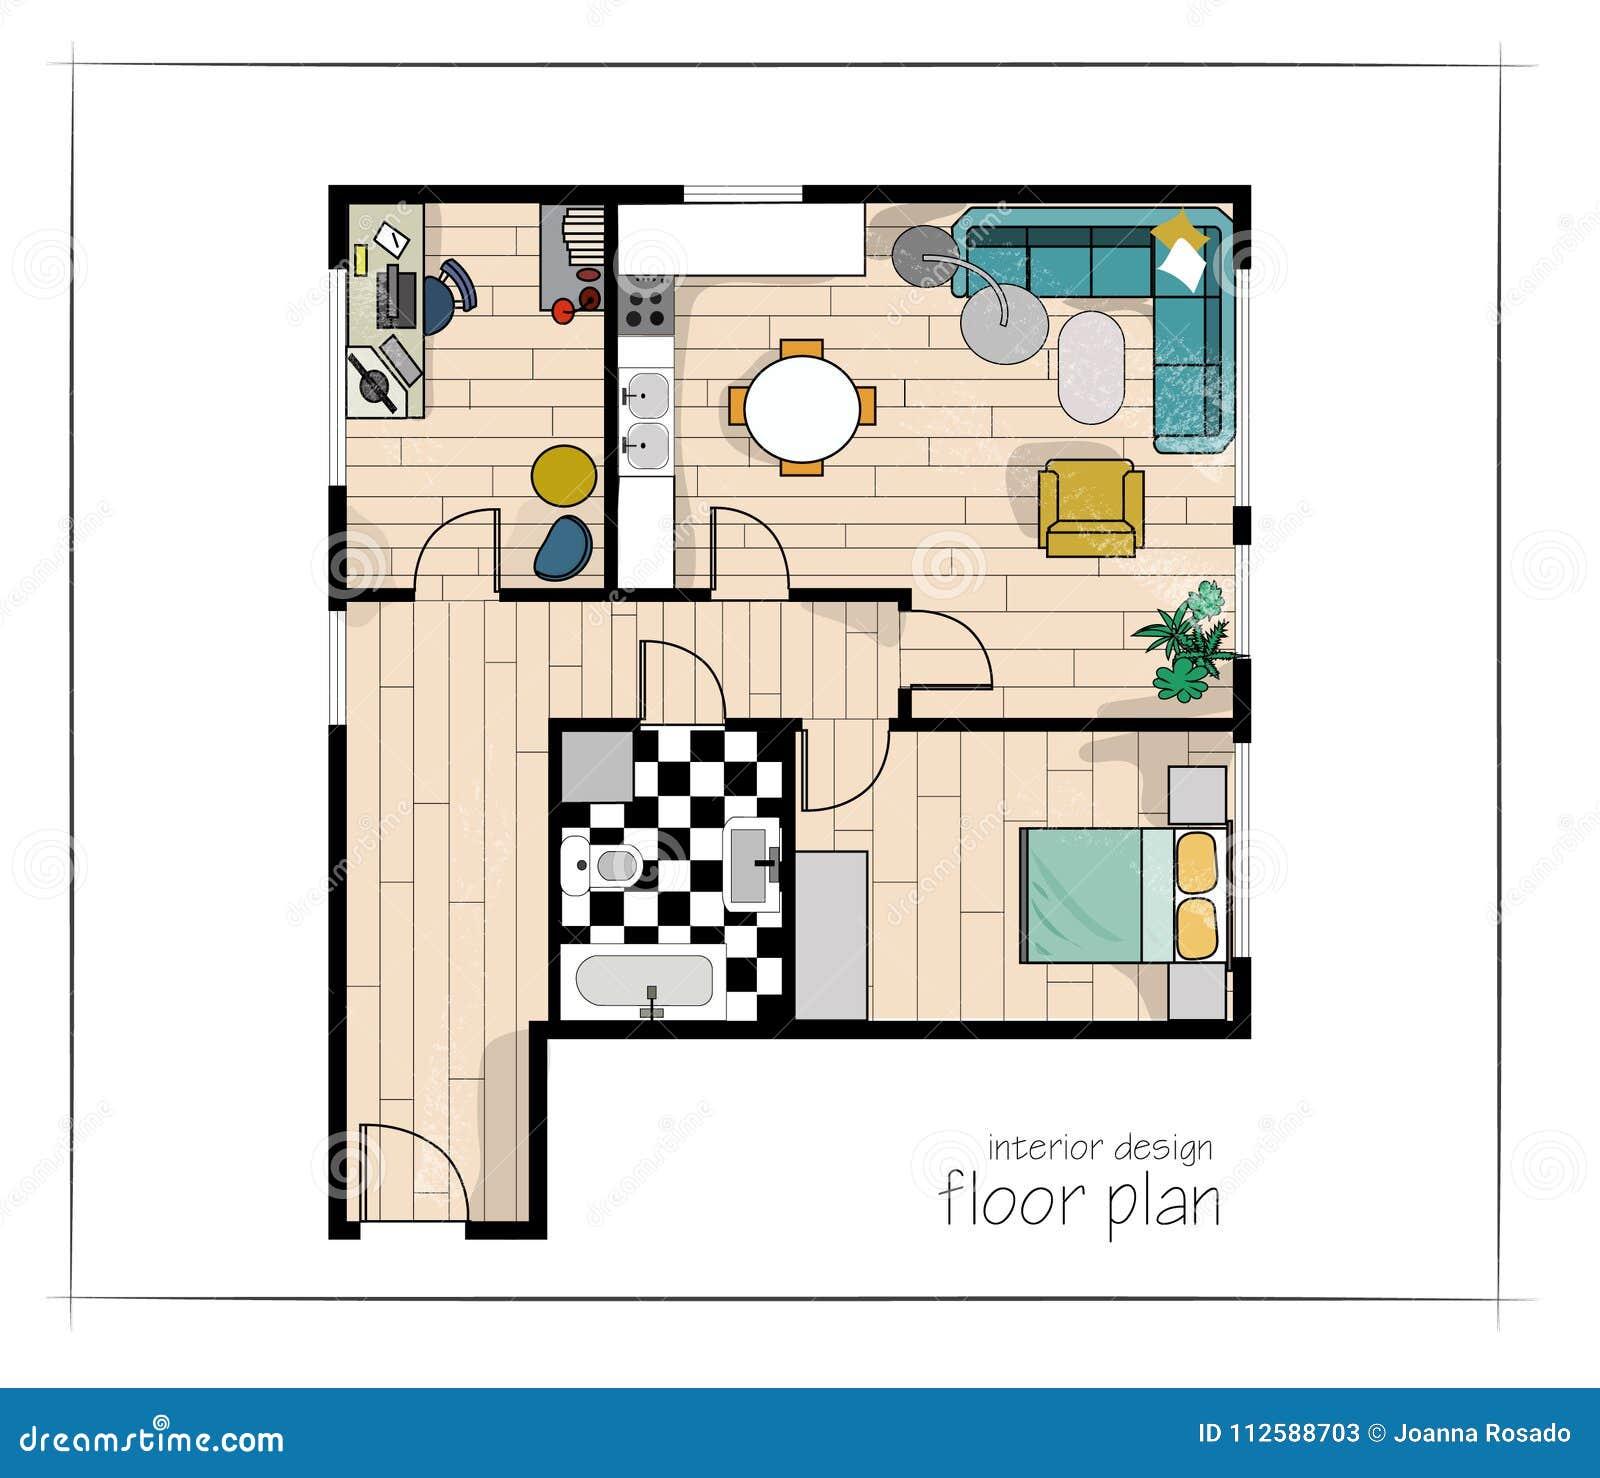 Ikonen Stellten Von Den Innenelementen, Draufsicht Ein Möbel Und Elemente  Für Wohnzimmer, Küche, Schlafzimmer, Badezimmer